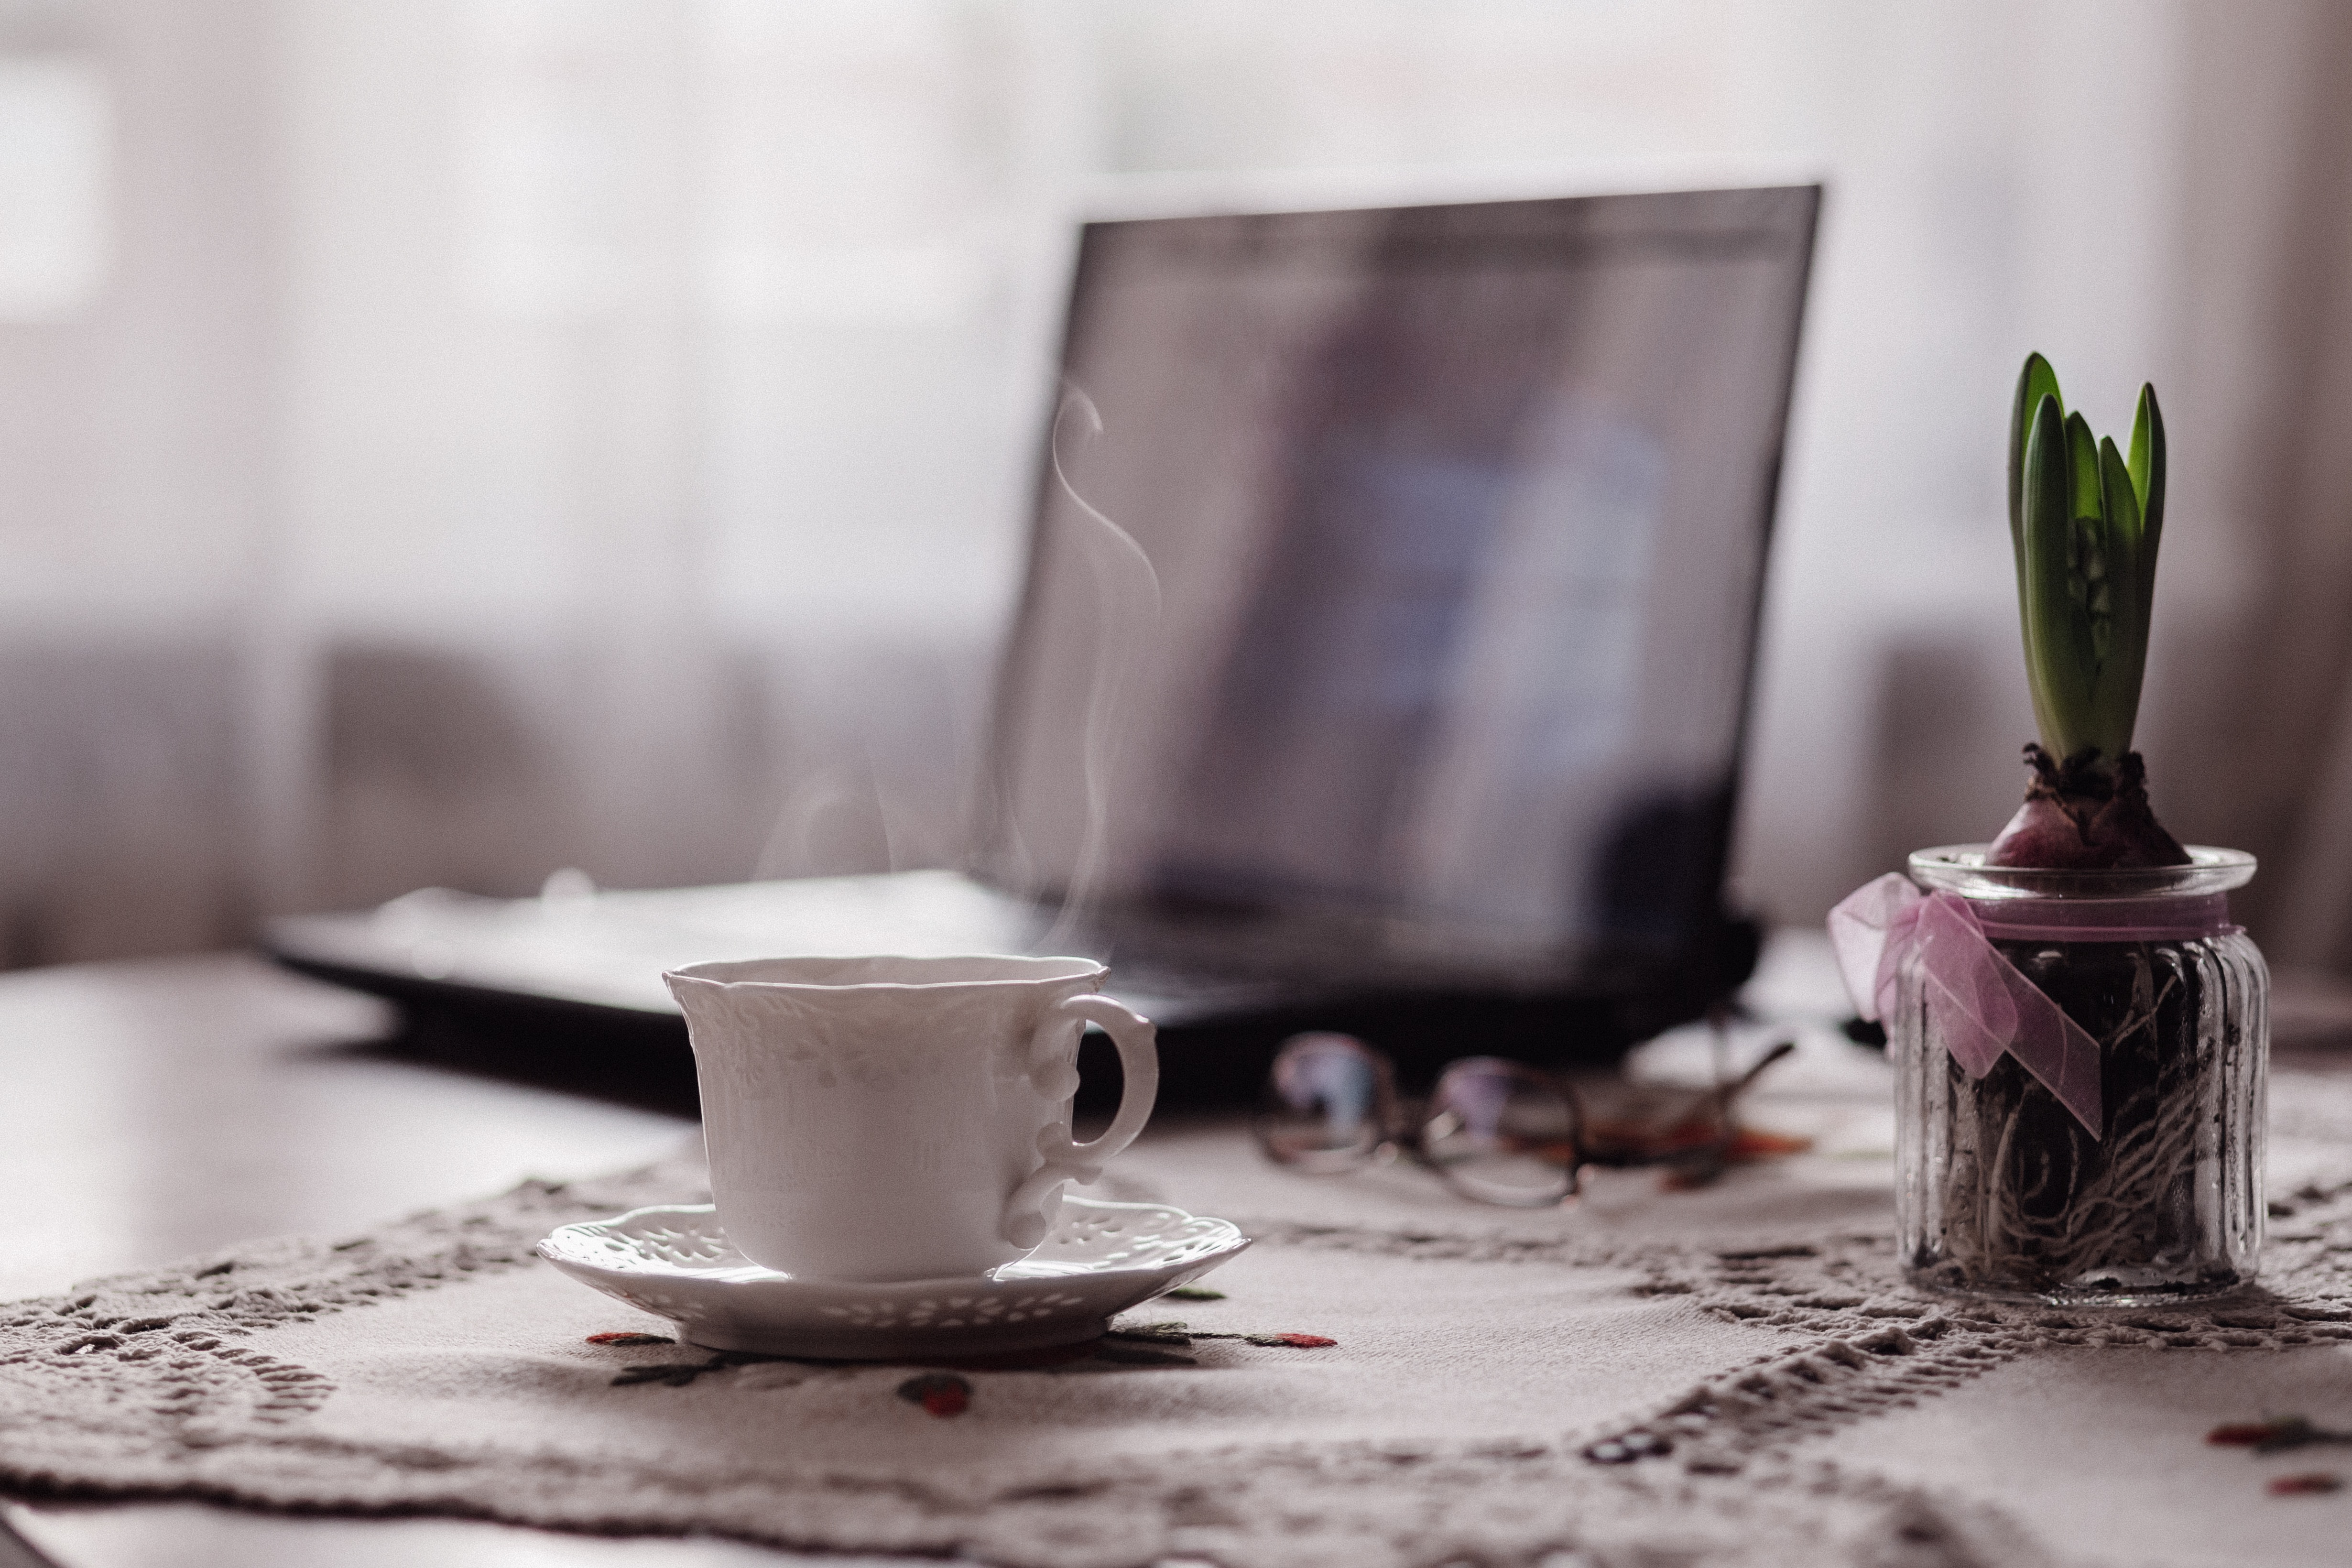 Evite lanchar e comer enquanto trabalha – crie um horário específico para se alimentar durante o trabalho, evitando fazer as refeições no local de trabalho ou de frente para o computador! Uma boa alimentação é essencial para uma boa saúde. (Foto: Freestocks Org /Unsplash)